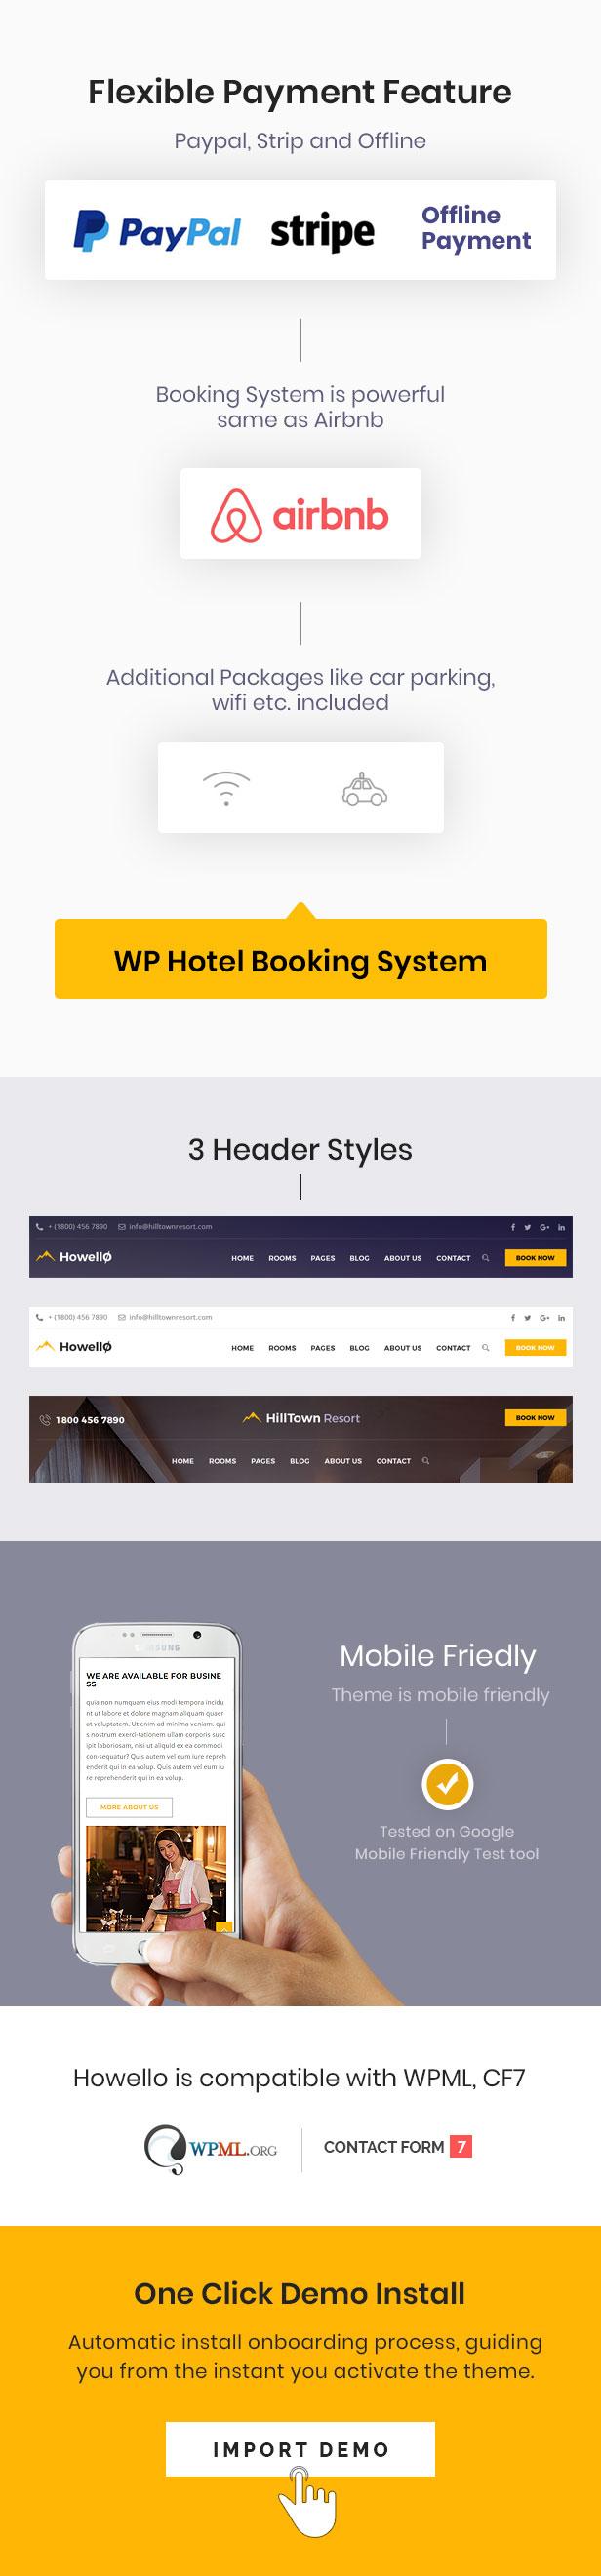 Howello : Hotel and Resort WordPress Theme - 4